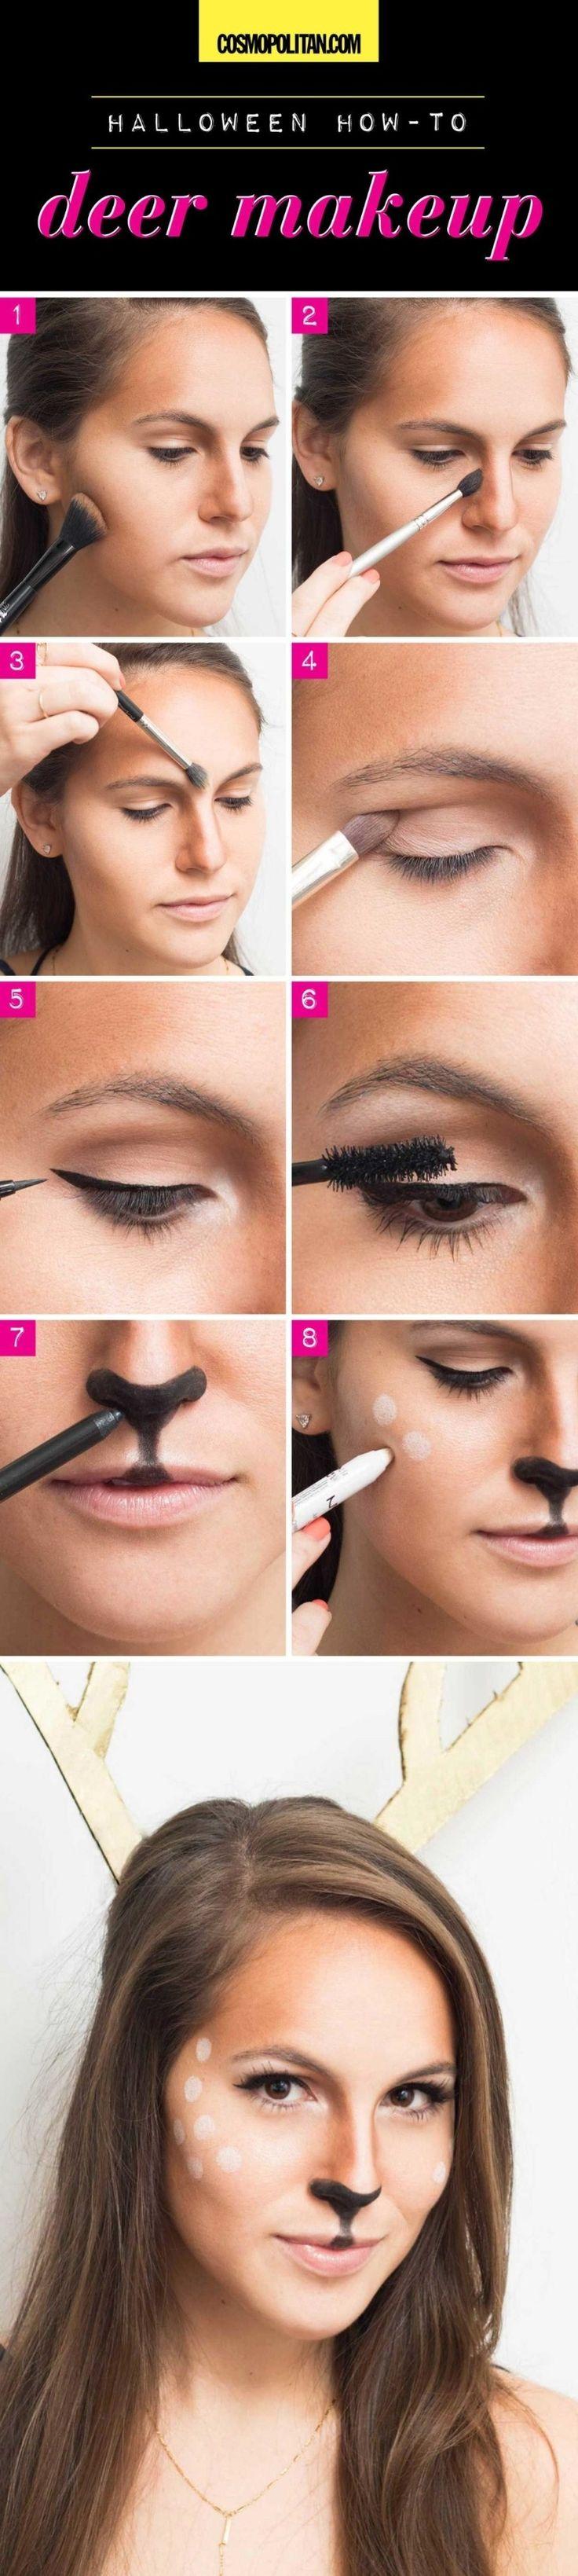 DIY deer makeup